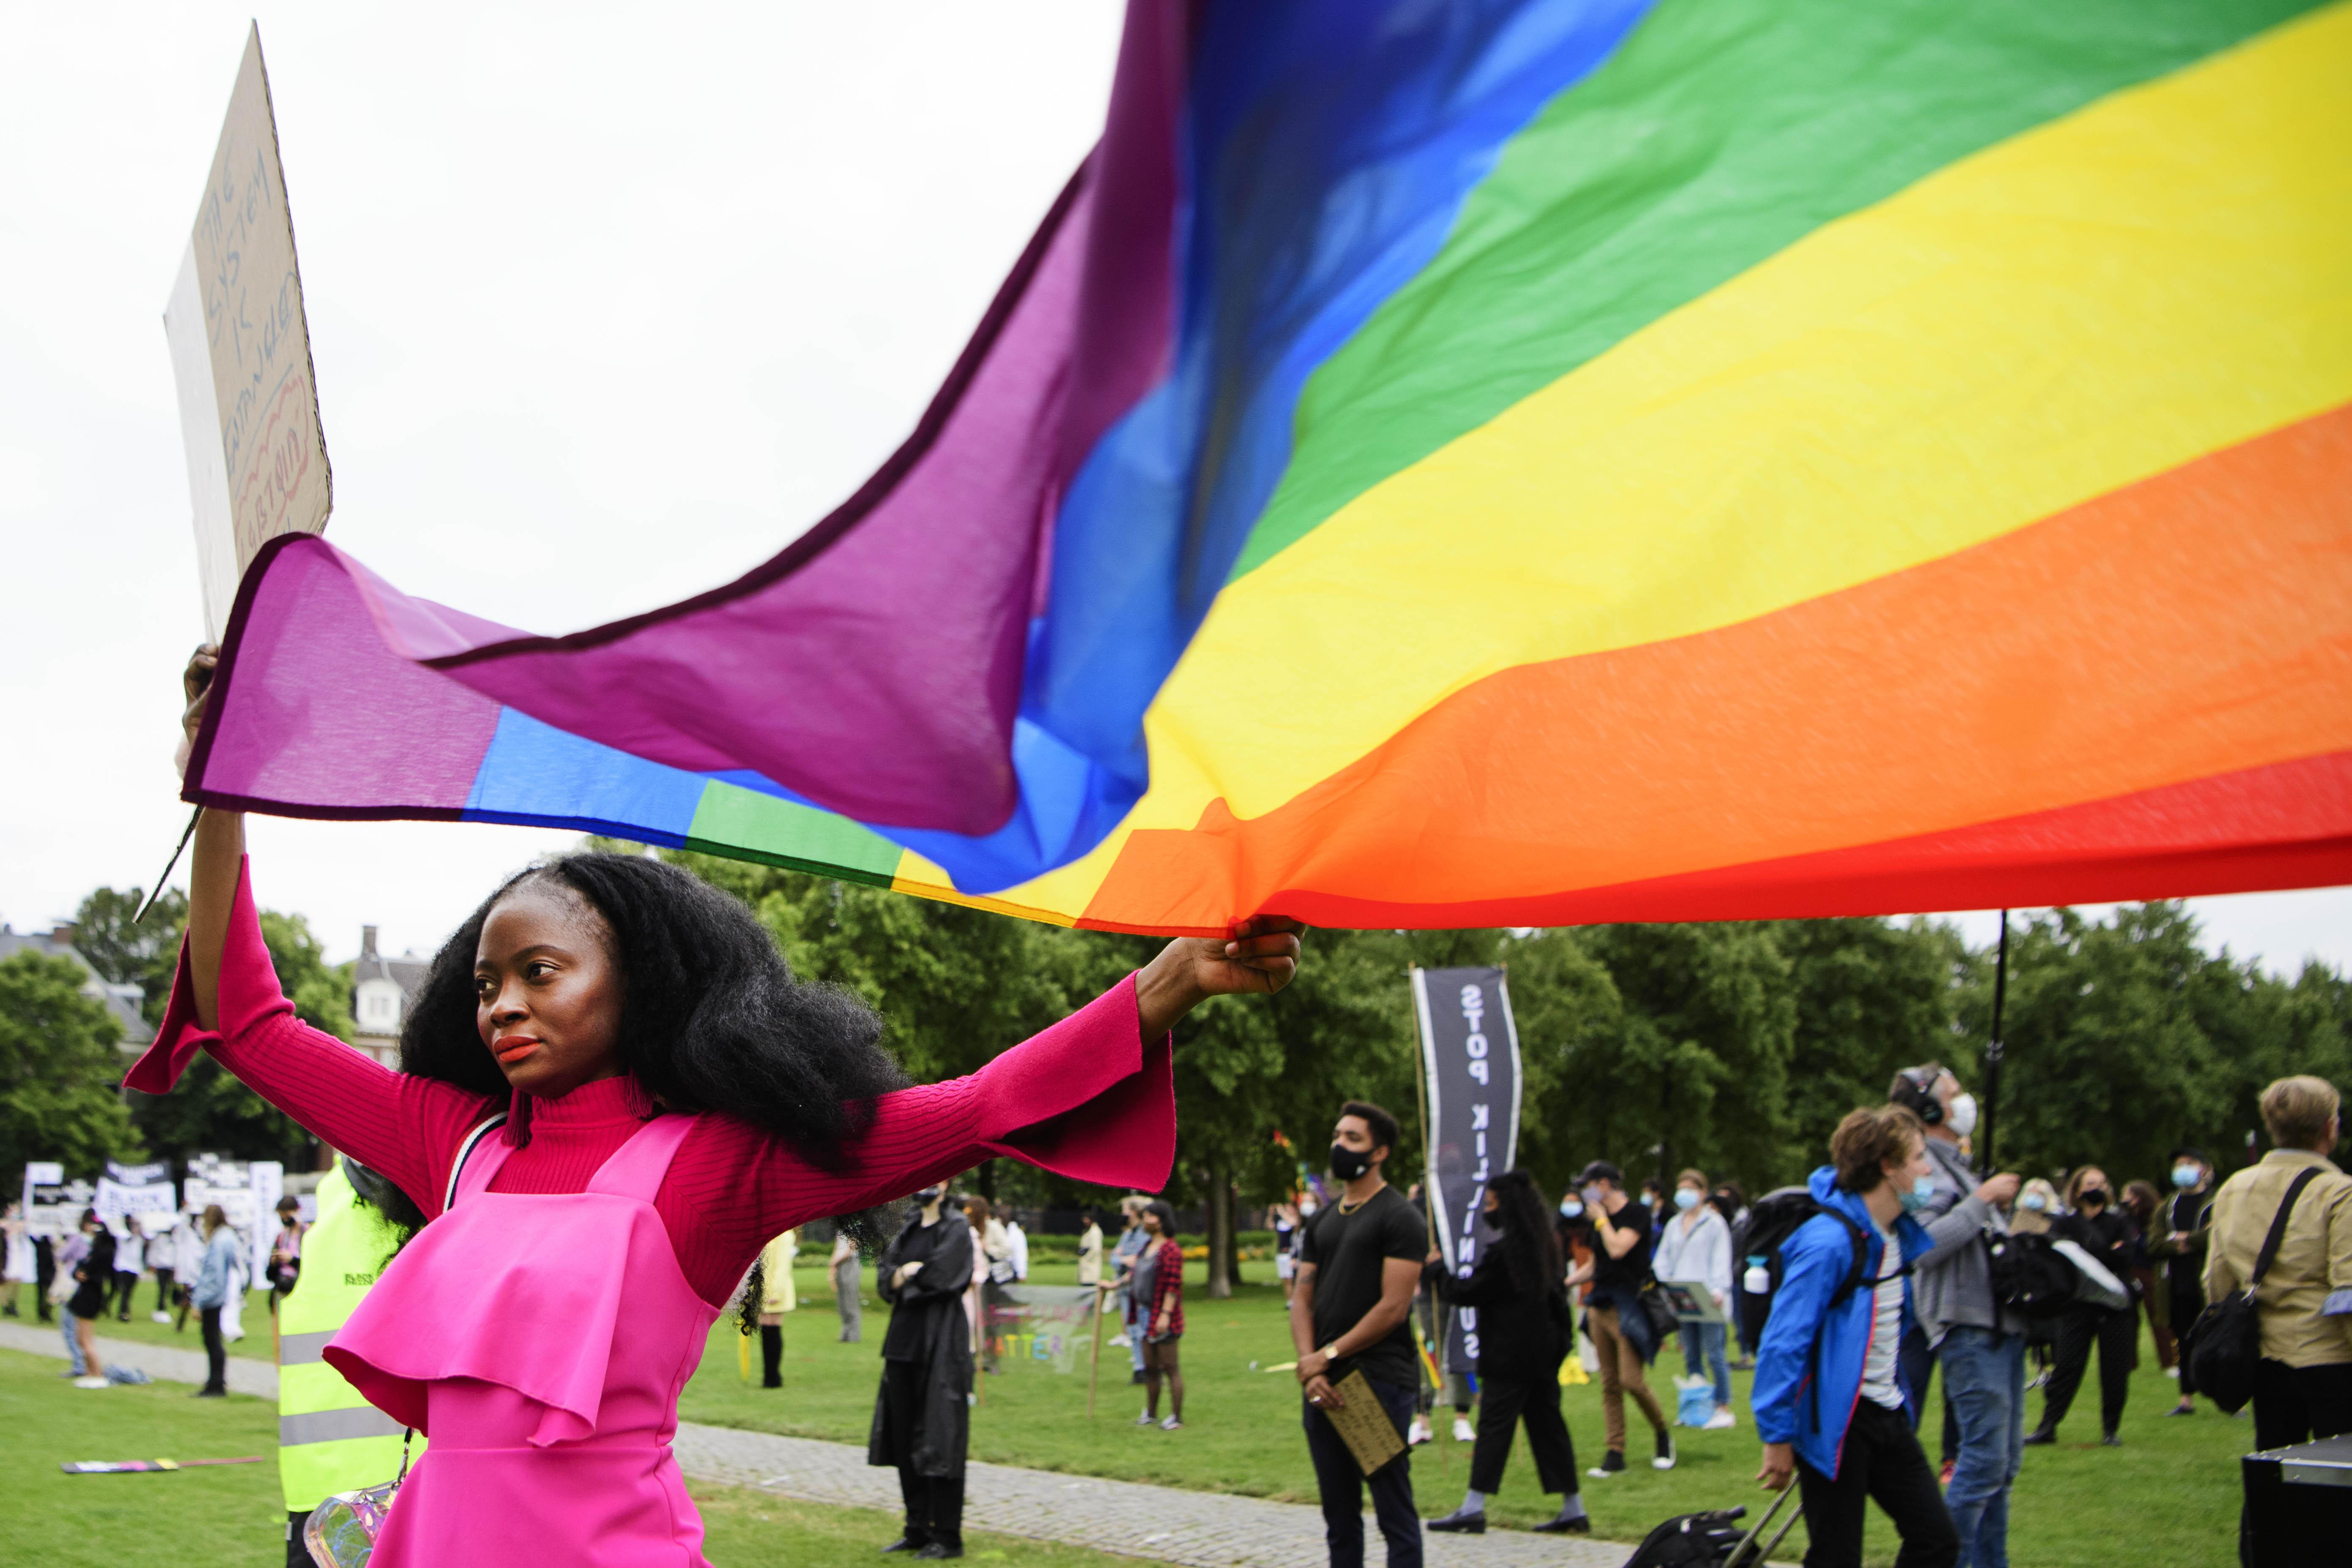 Een foto van een Pride-demonstratie op het Museumplein